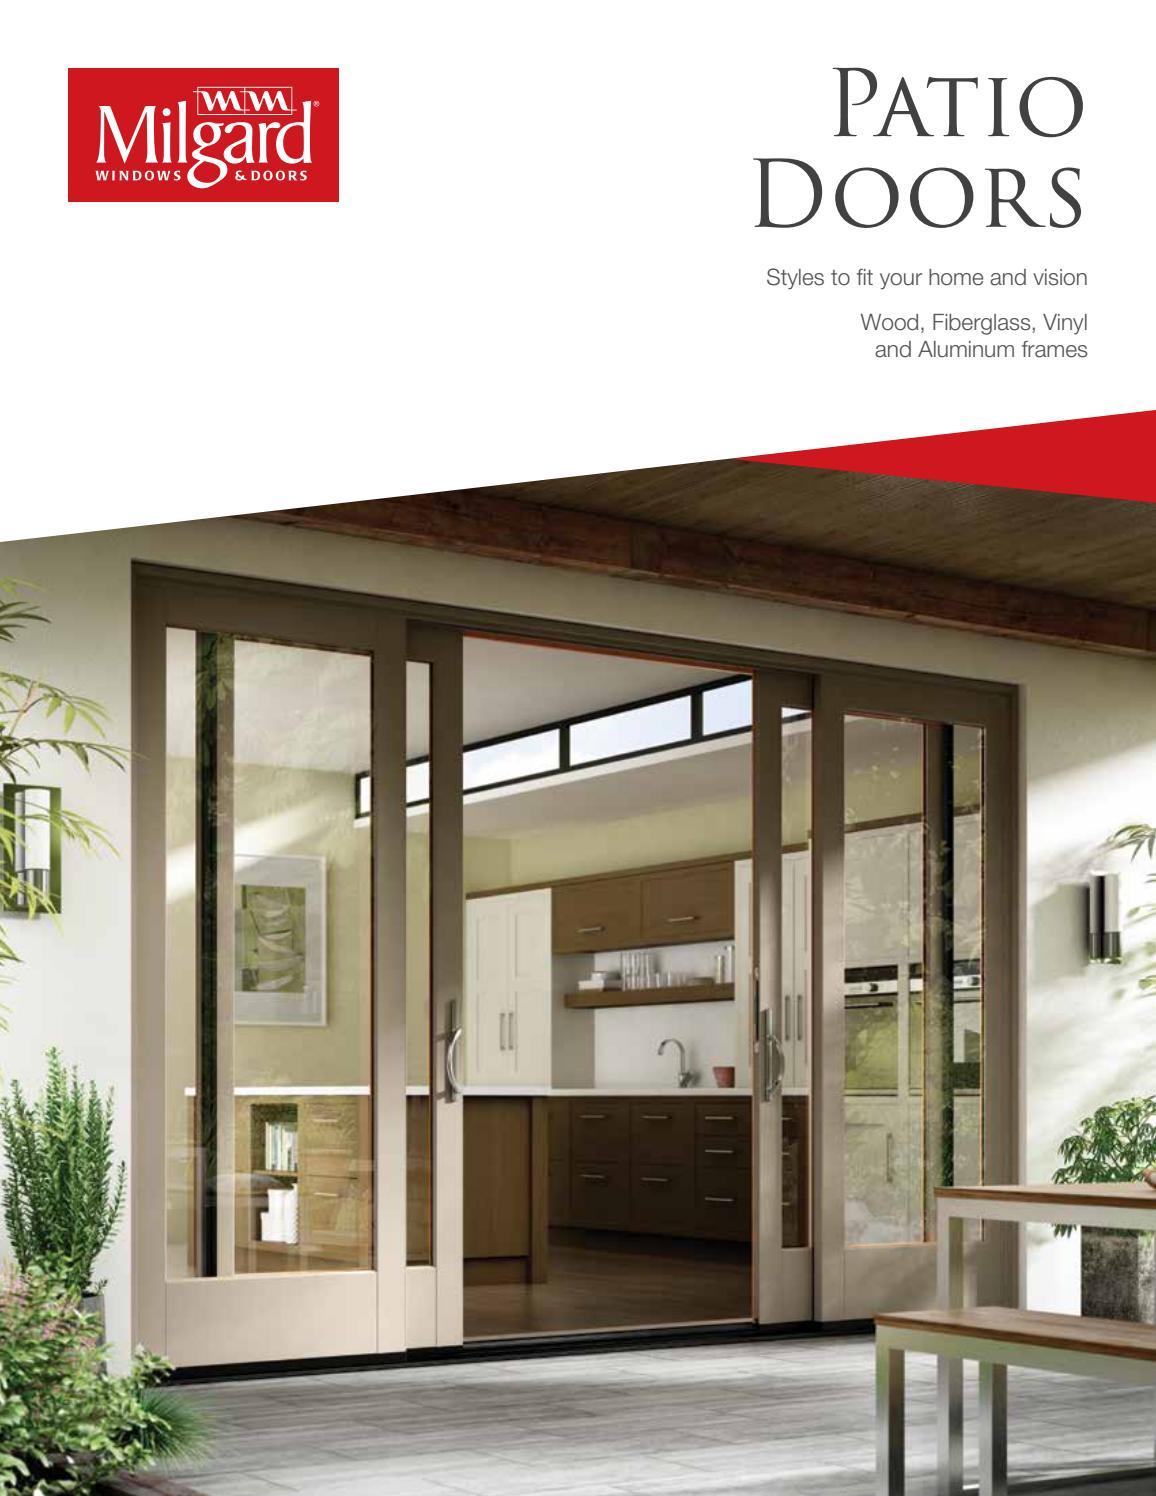 Milgard Patio Doors 2017 By Meek S Lumber Hardware Issuu